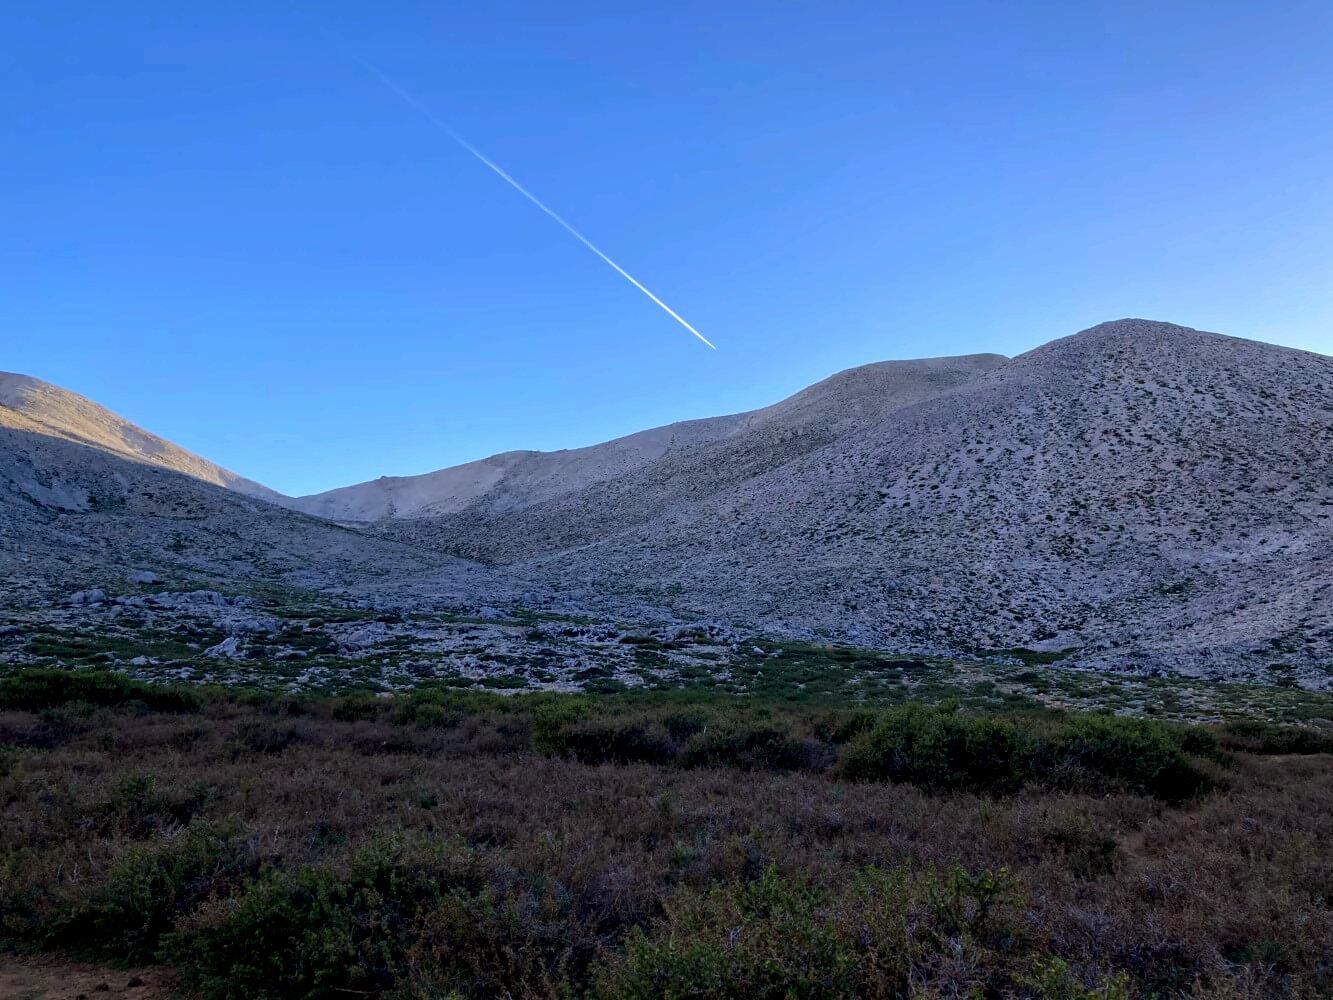 Abendstimmung in einem Tal der Weißen Berge von Kreta.